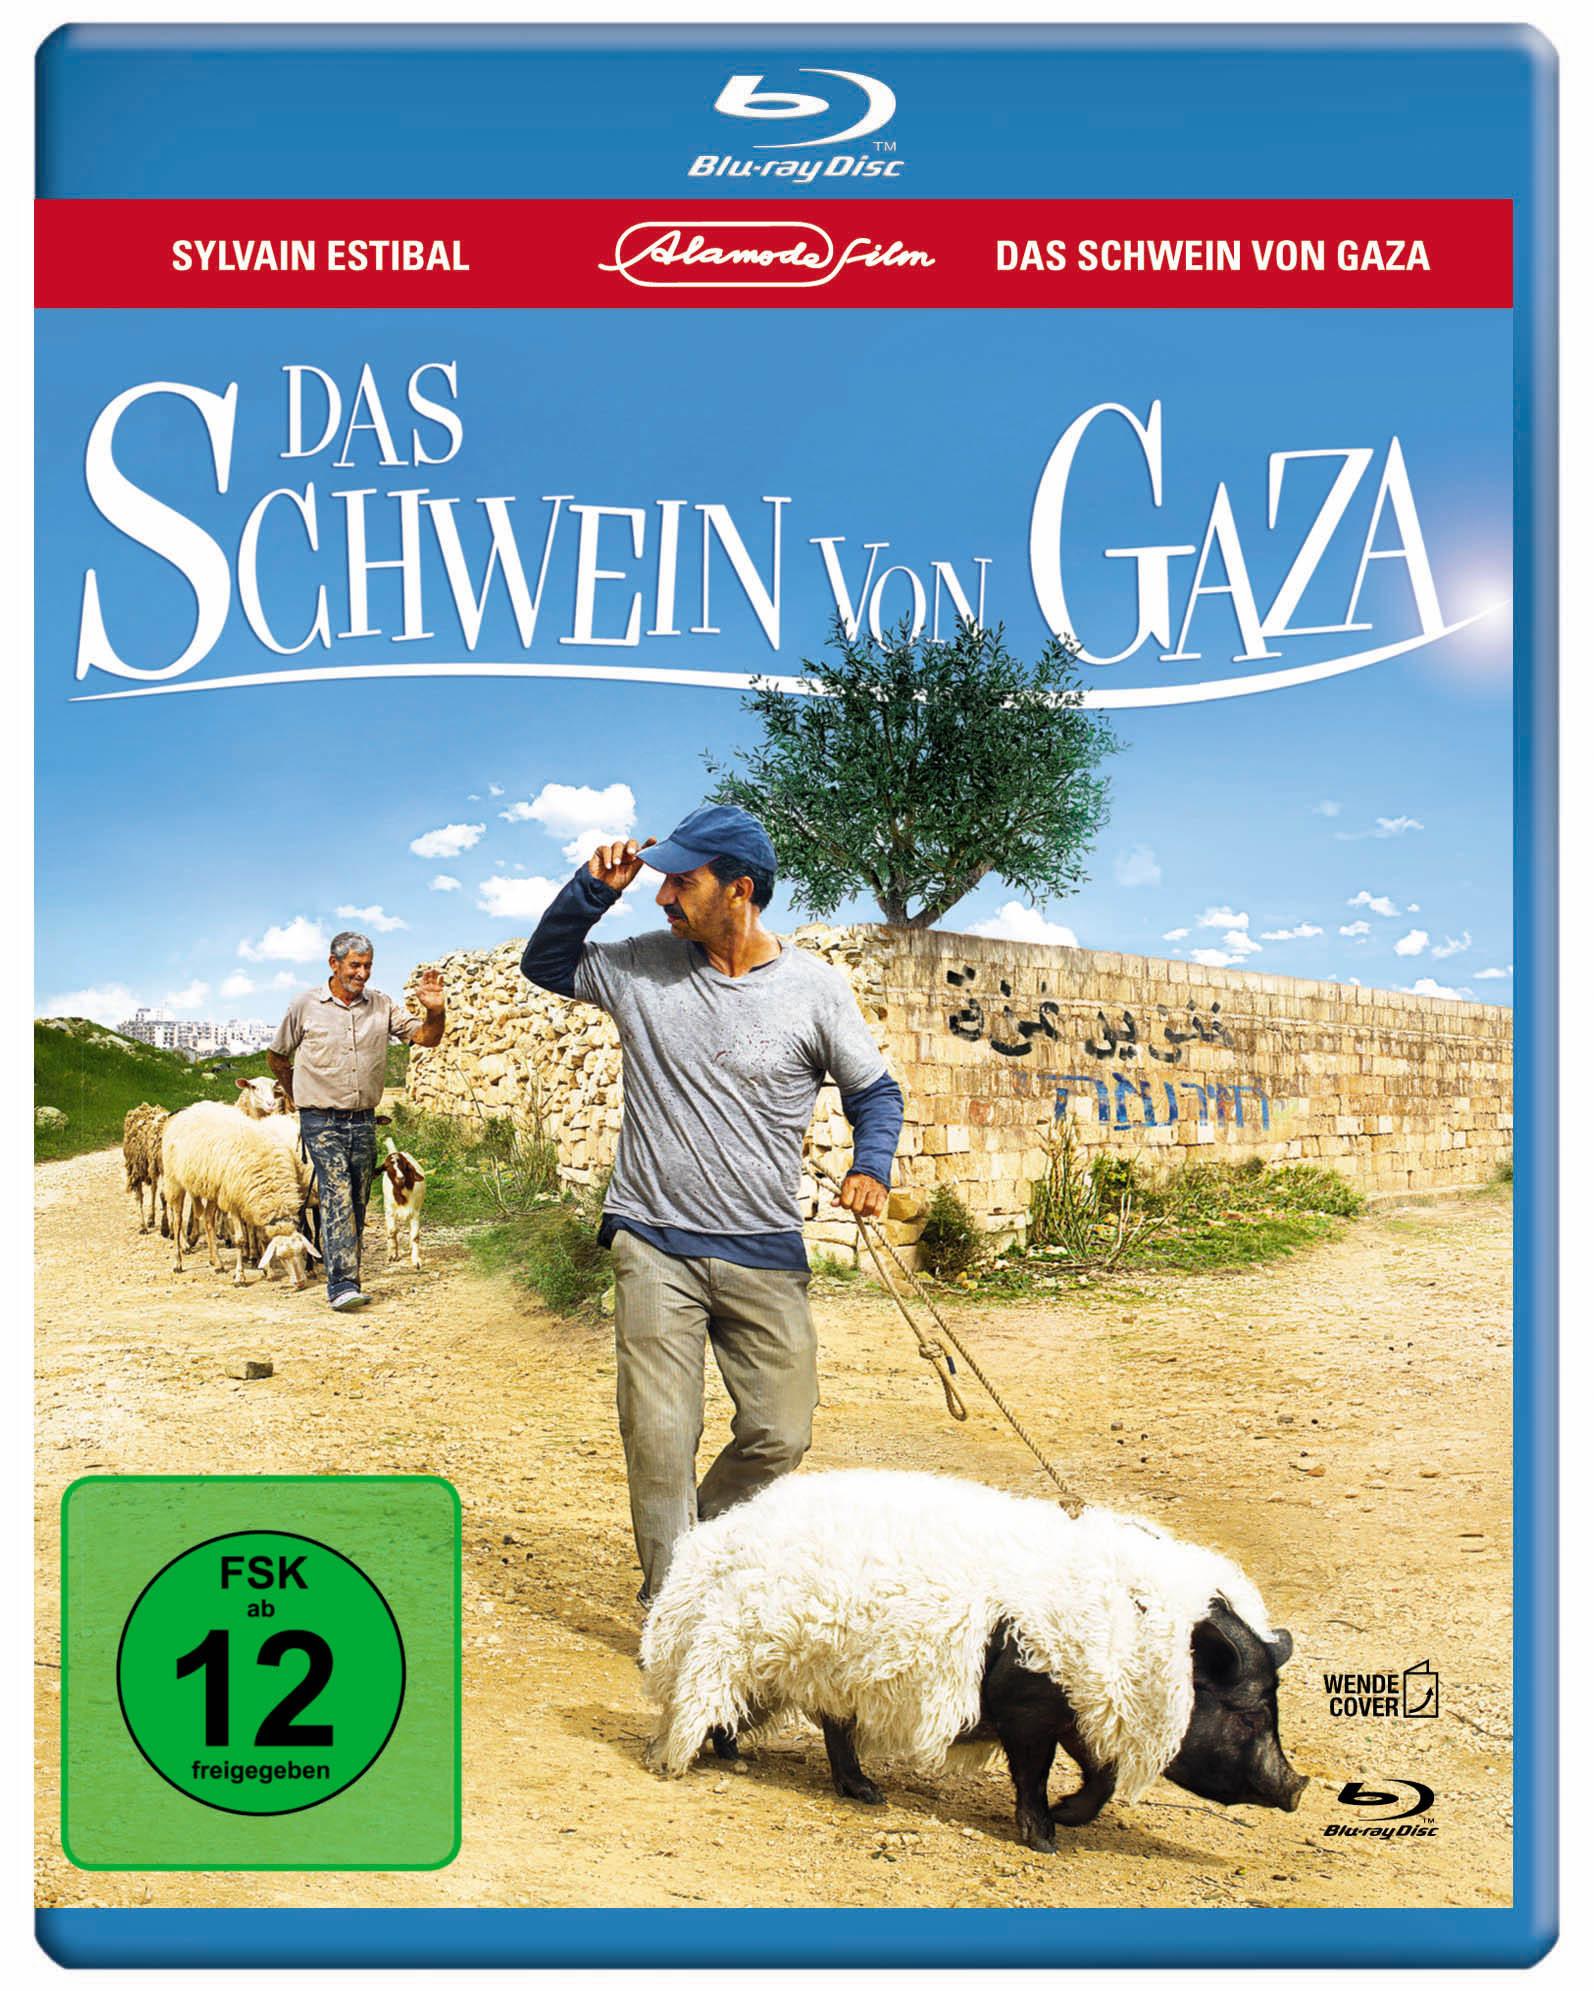 Image of Das Schwein von Gaza